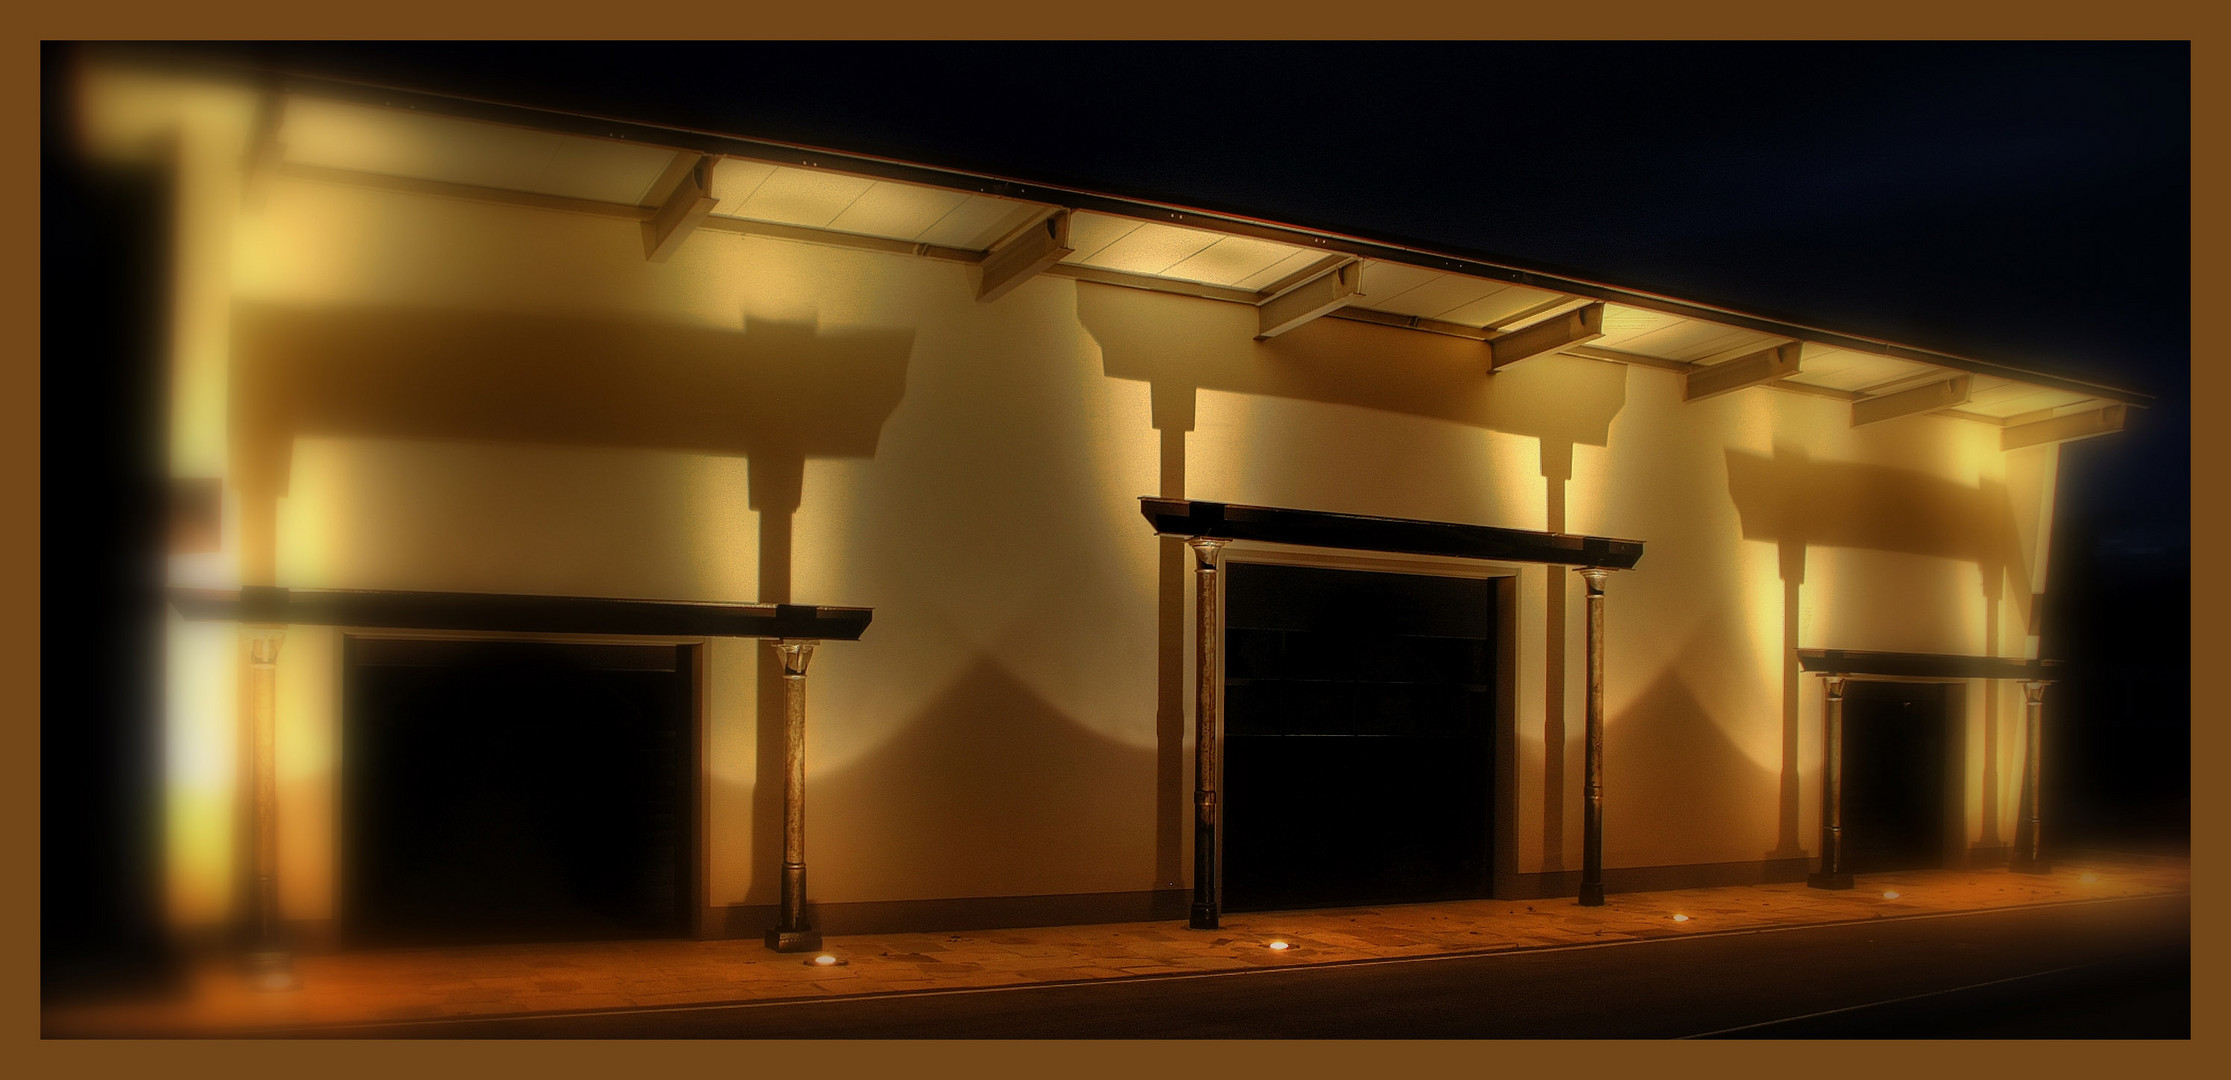 Werkshalle bei Nacht